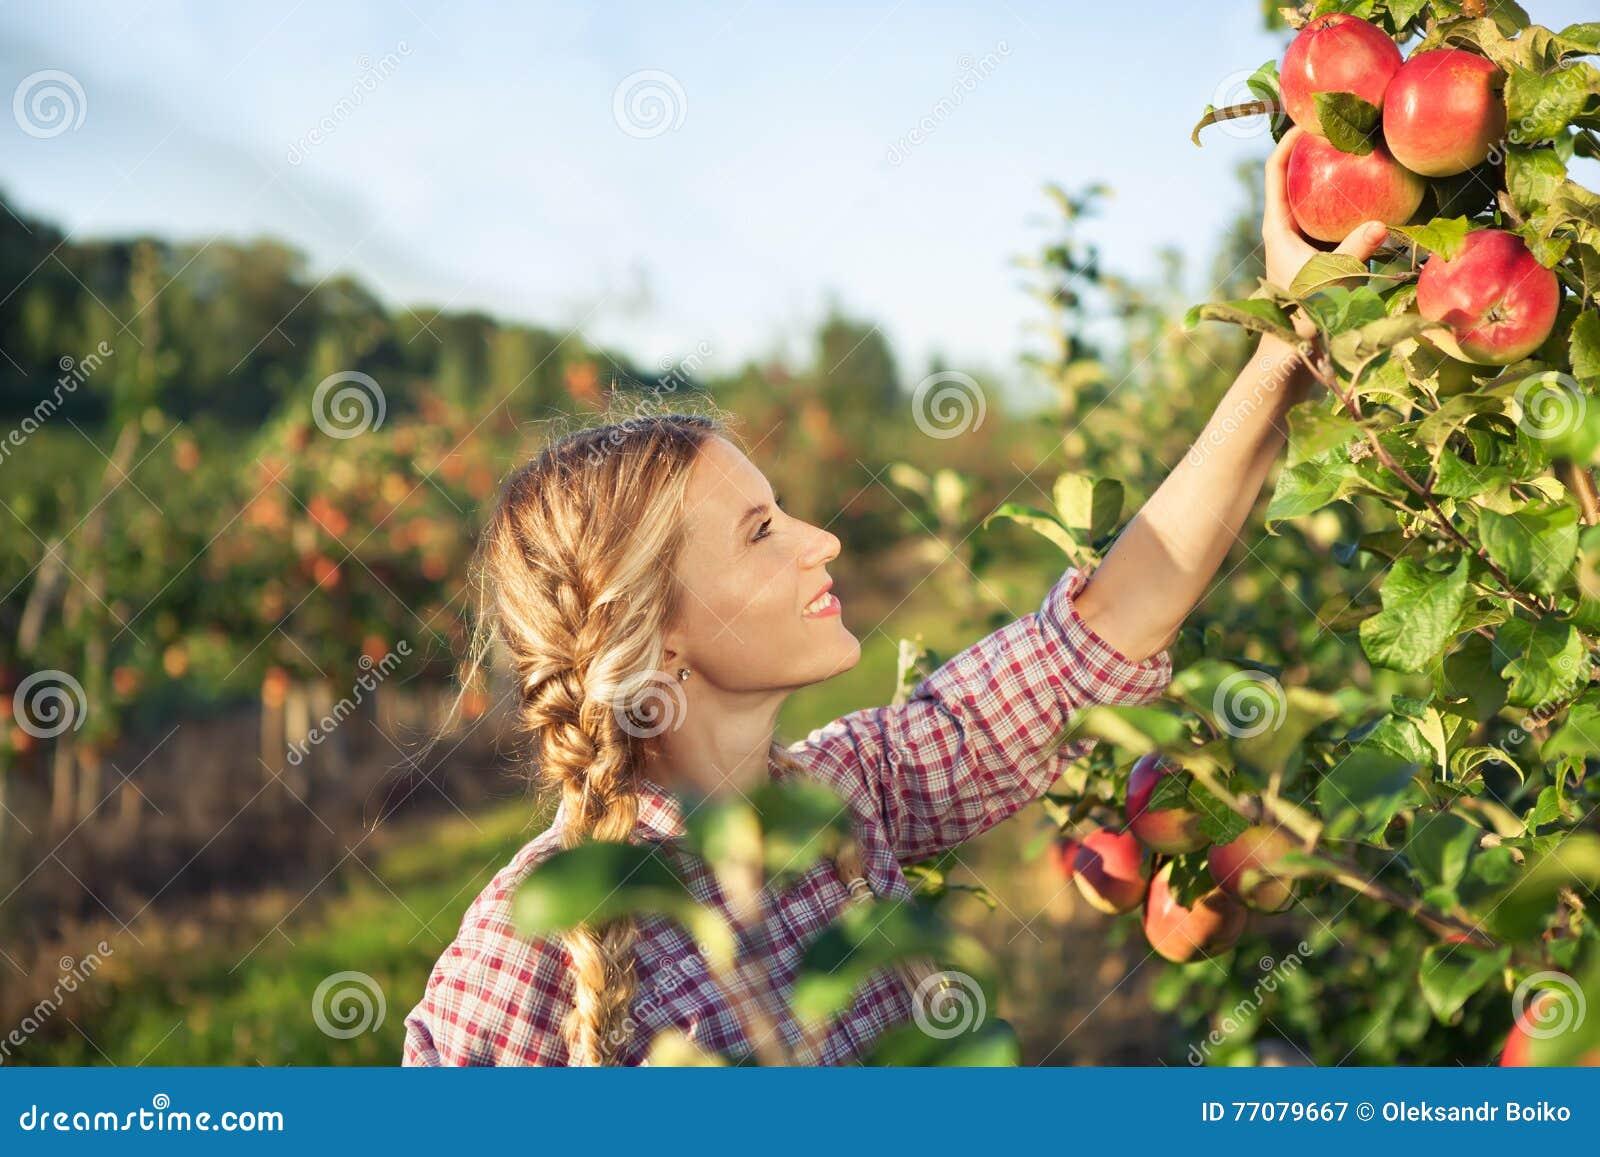 摘成熟有机苹果的美丽的少妇